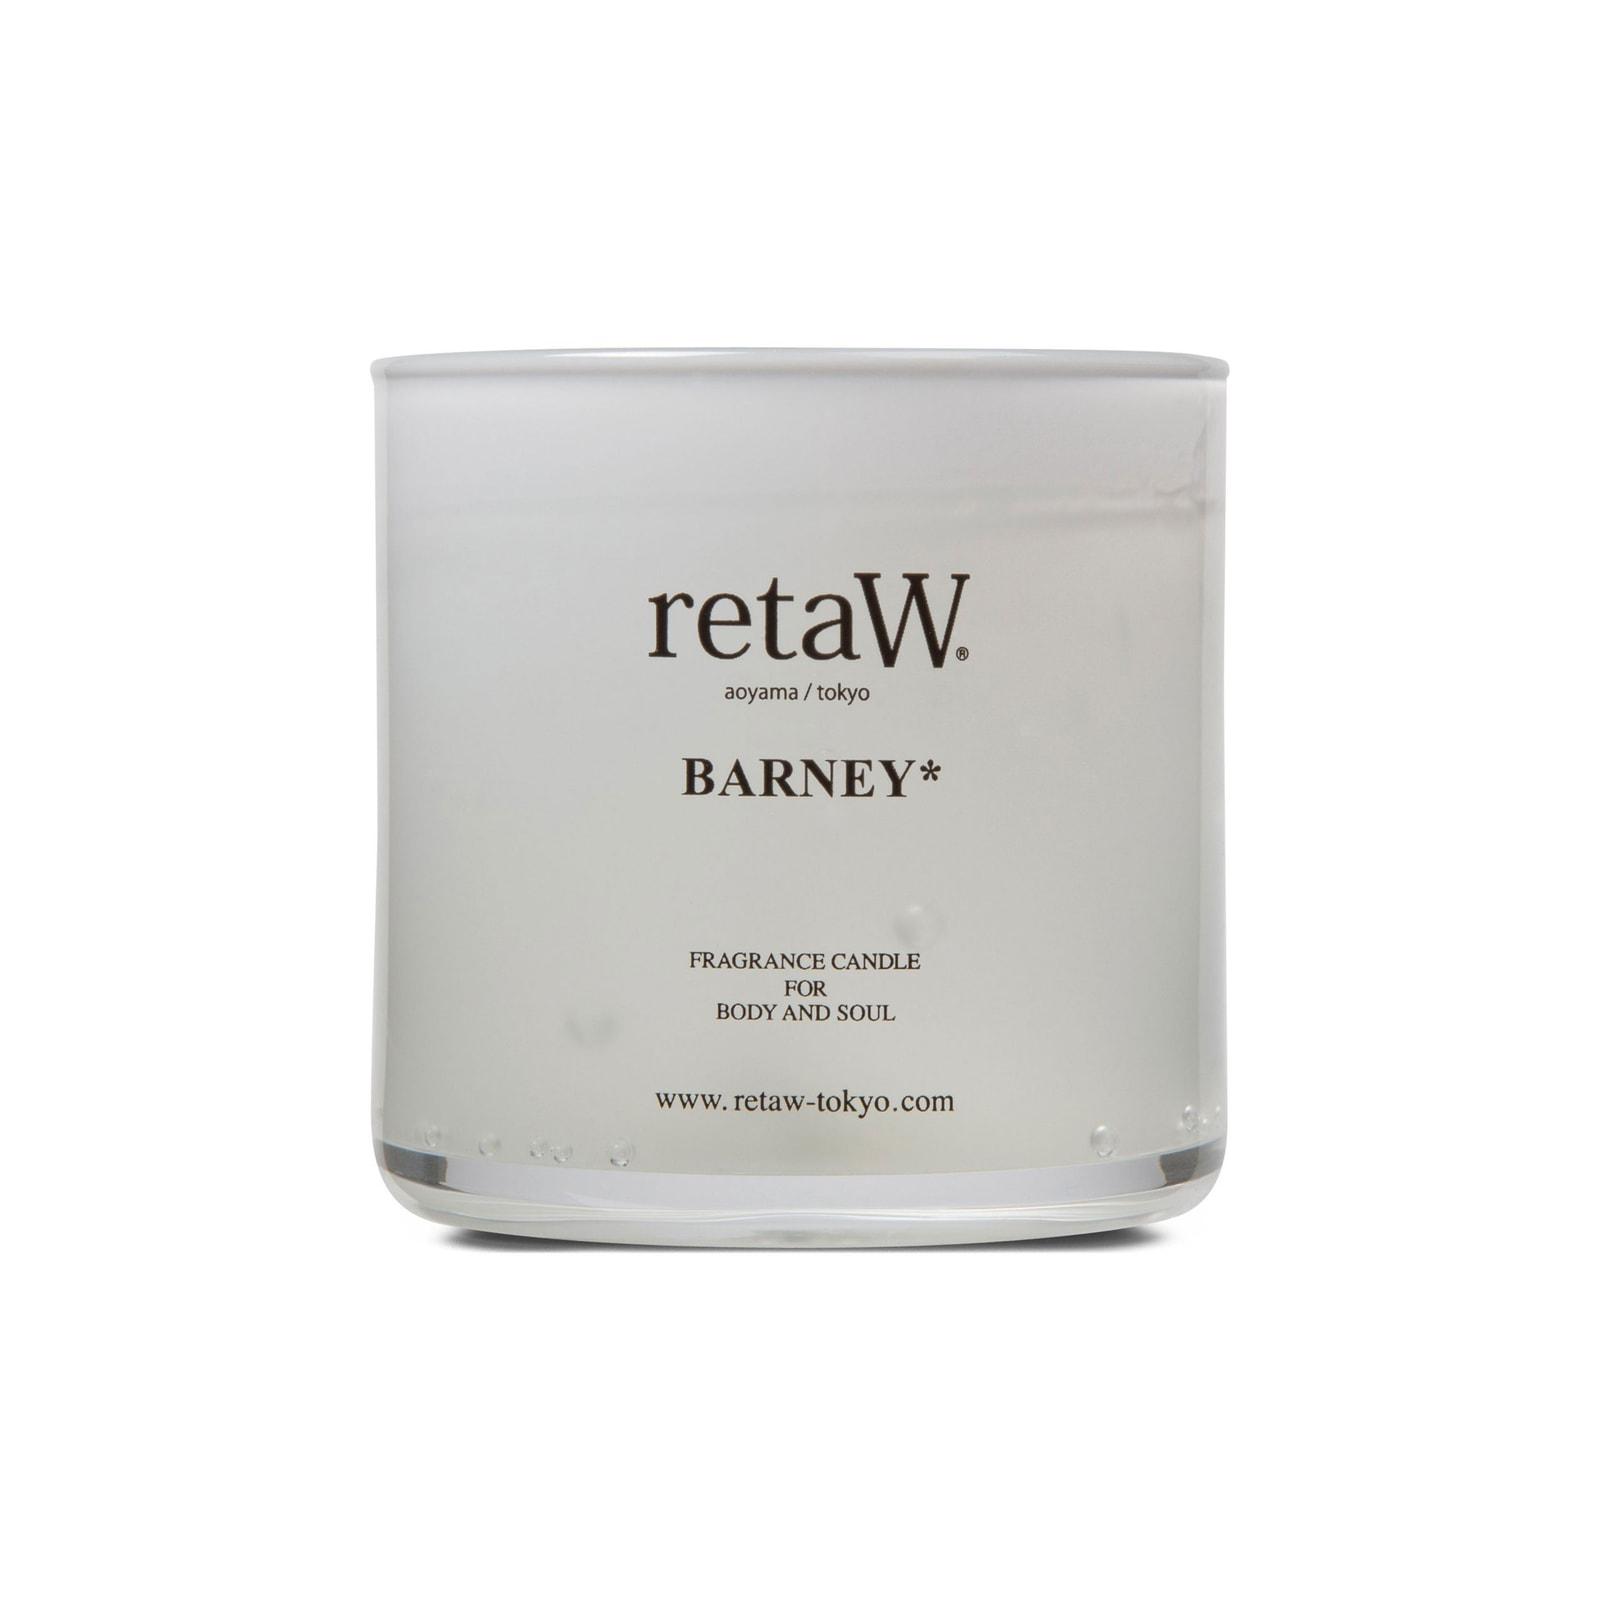 retaW Barney Gel Candle